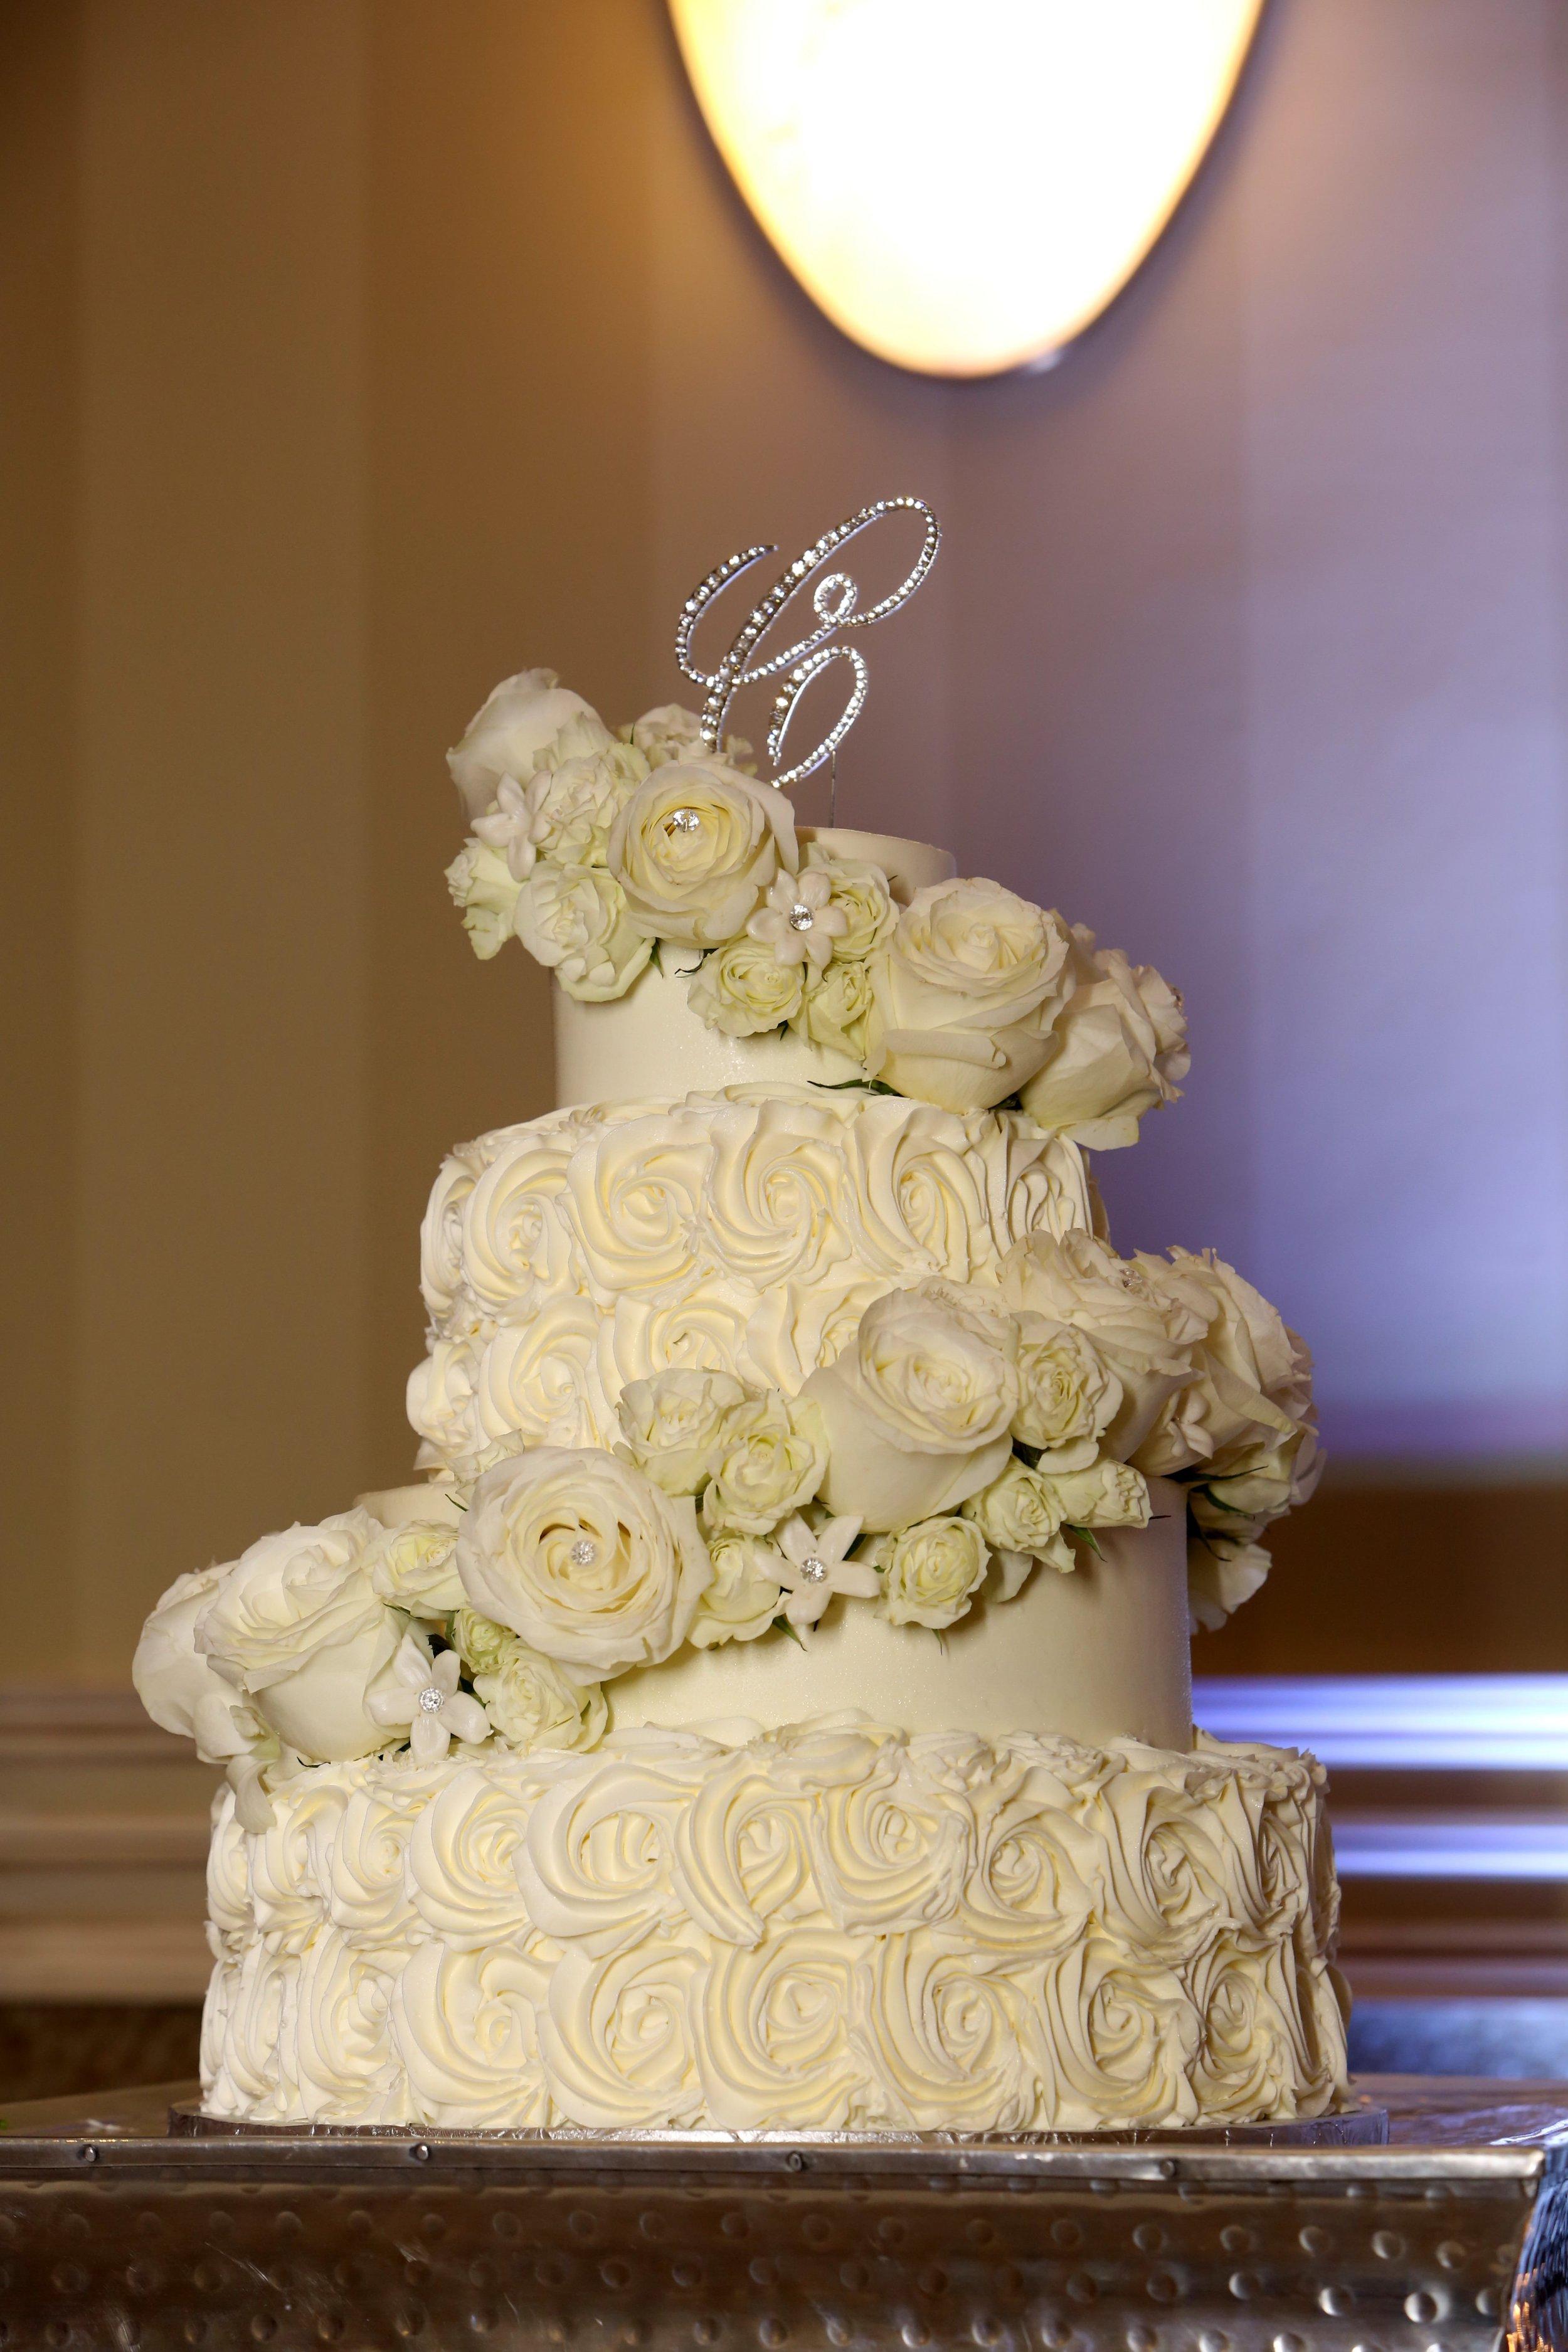 m2-floral-cakescardsmemtable-5.jpg